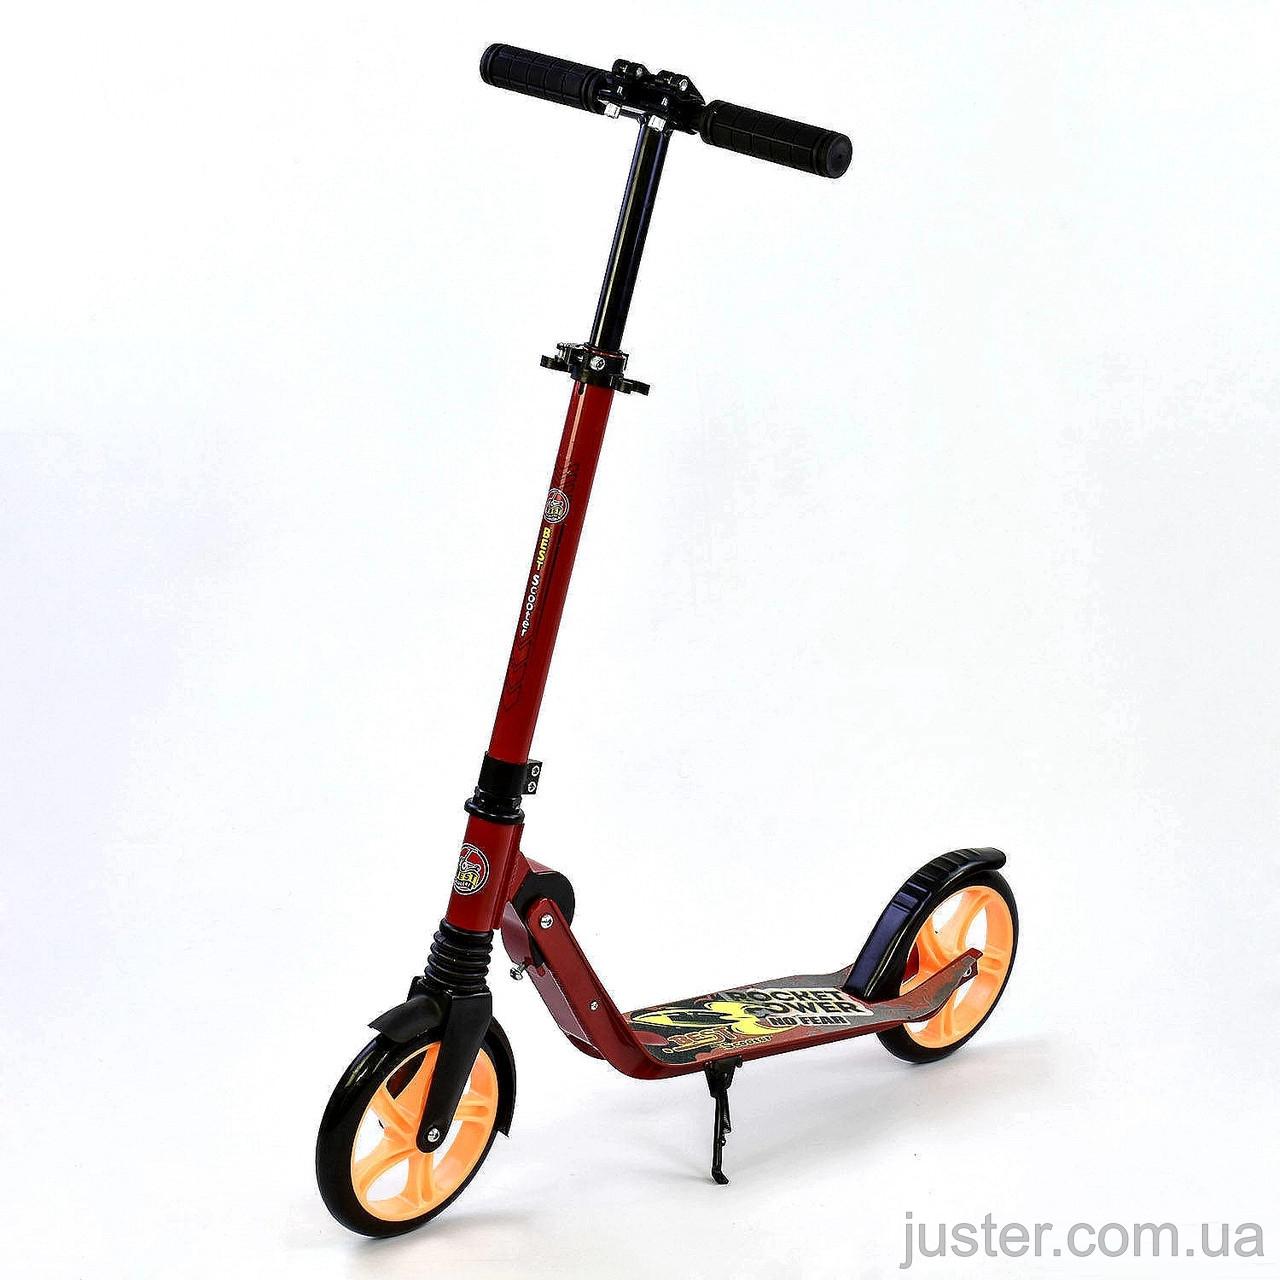 Детский двухколесный самокат Best Scooter ROCKET с амортизатором (00068)